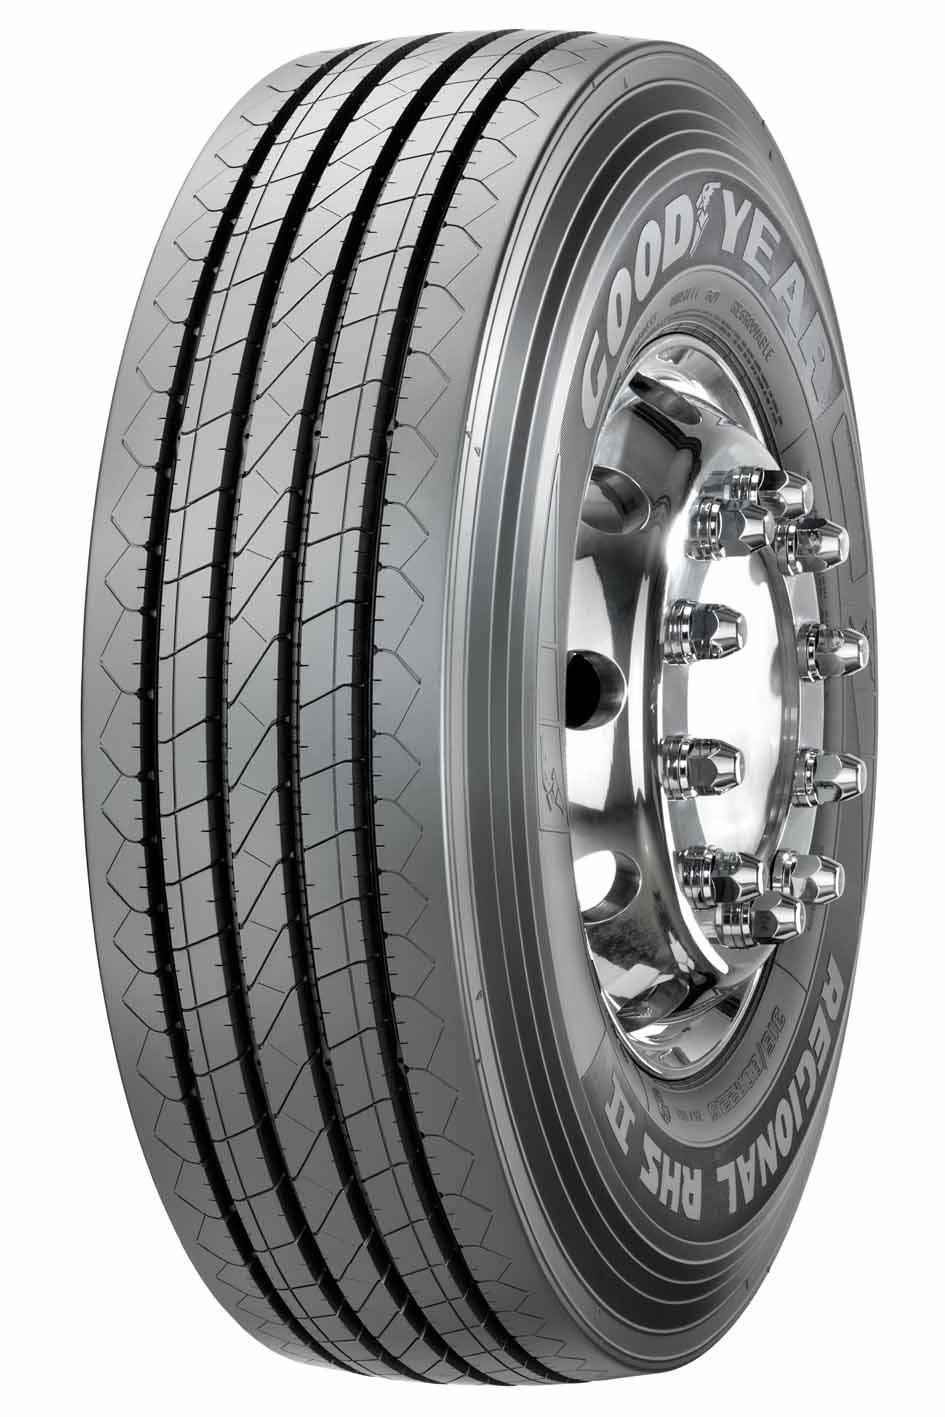 Заказать грузовые шины, легковые шины